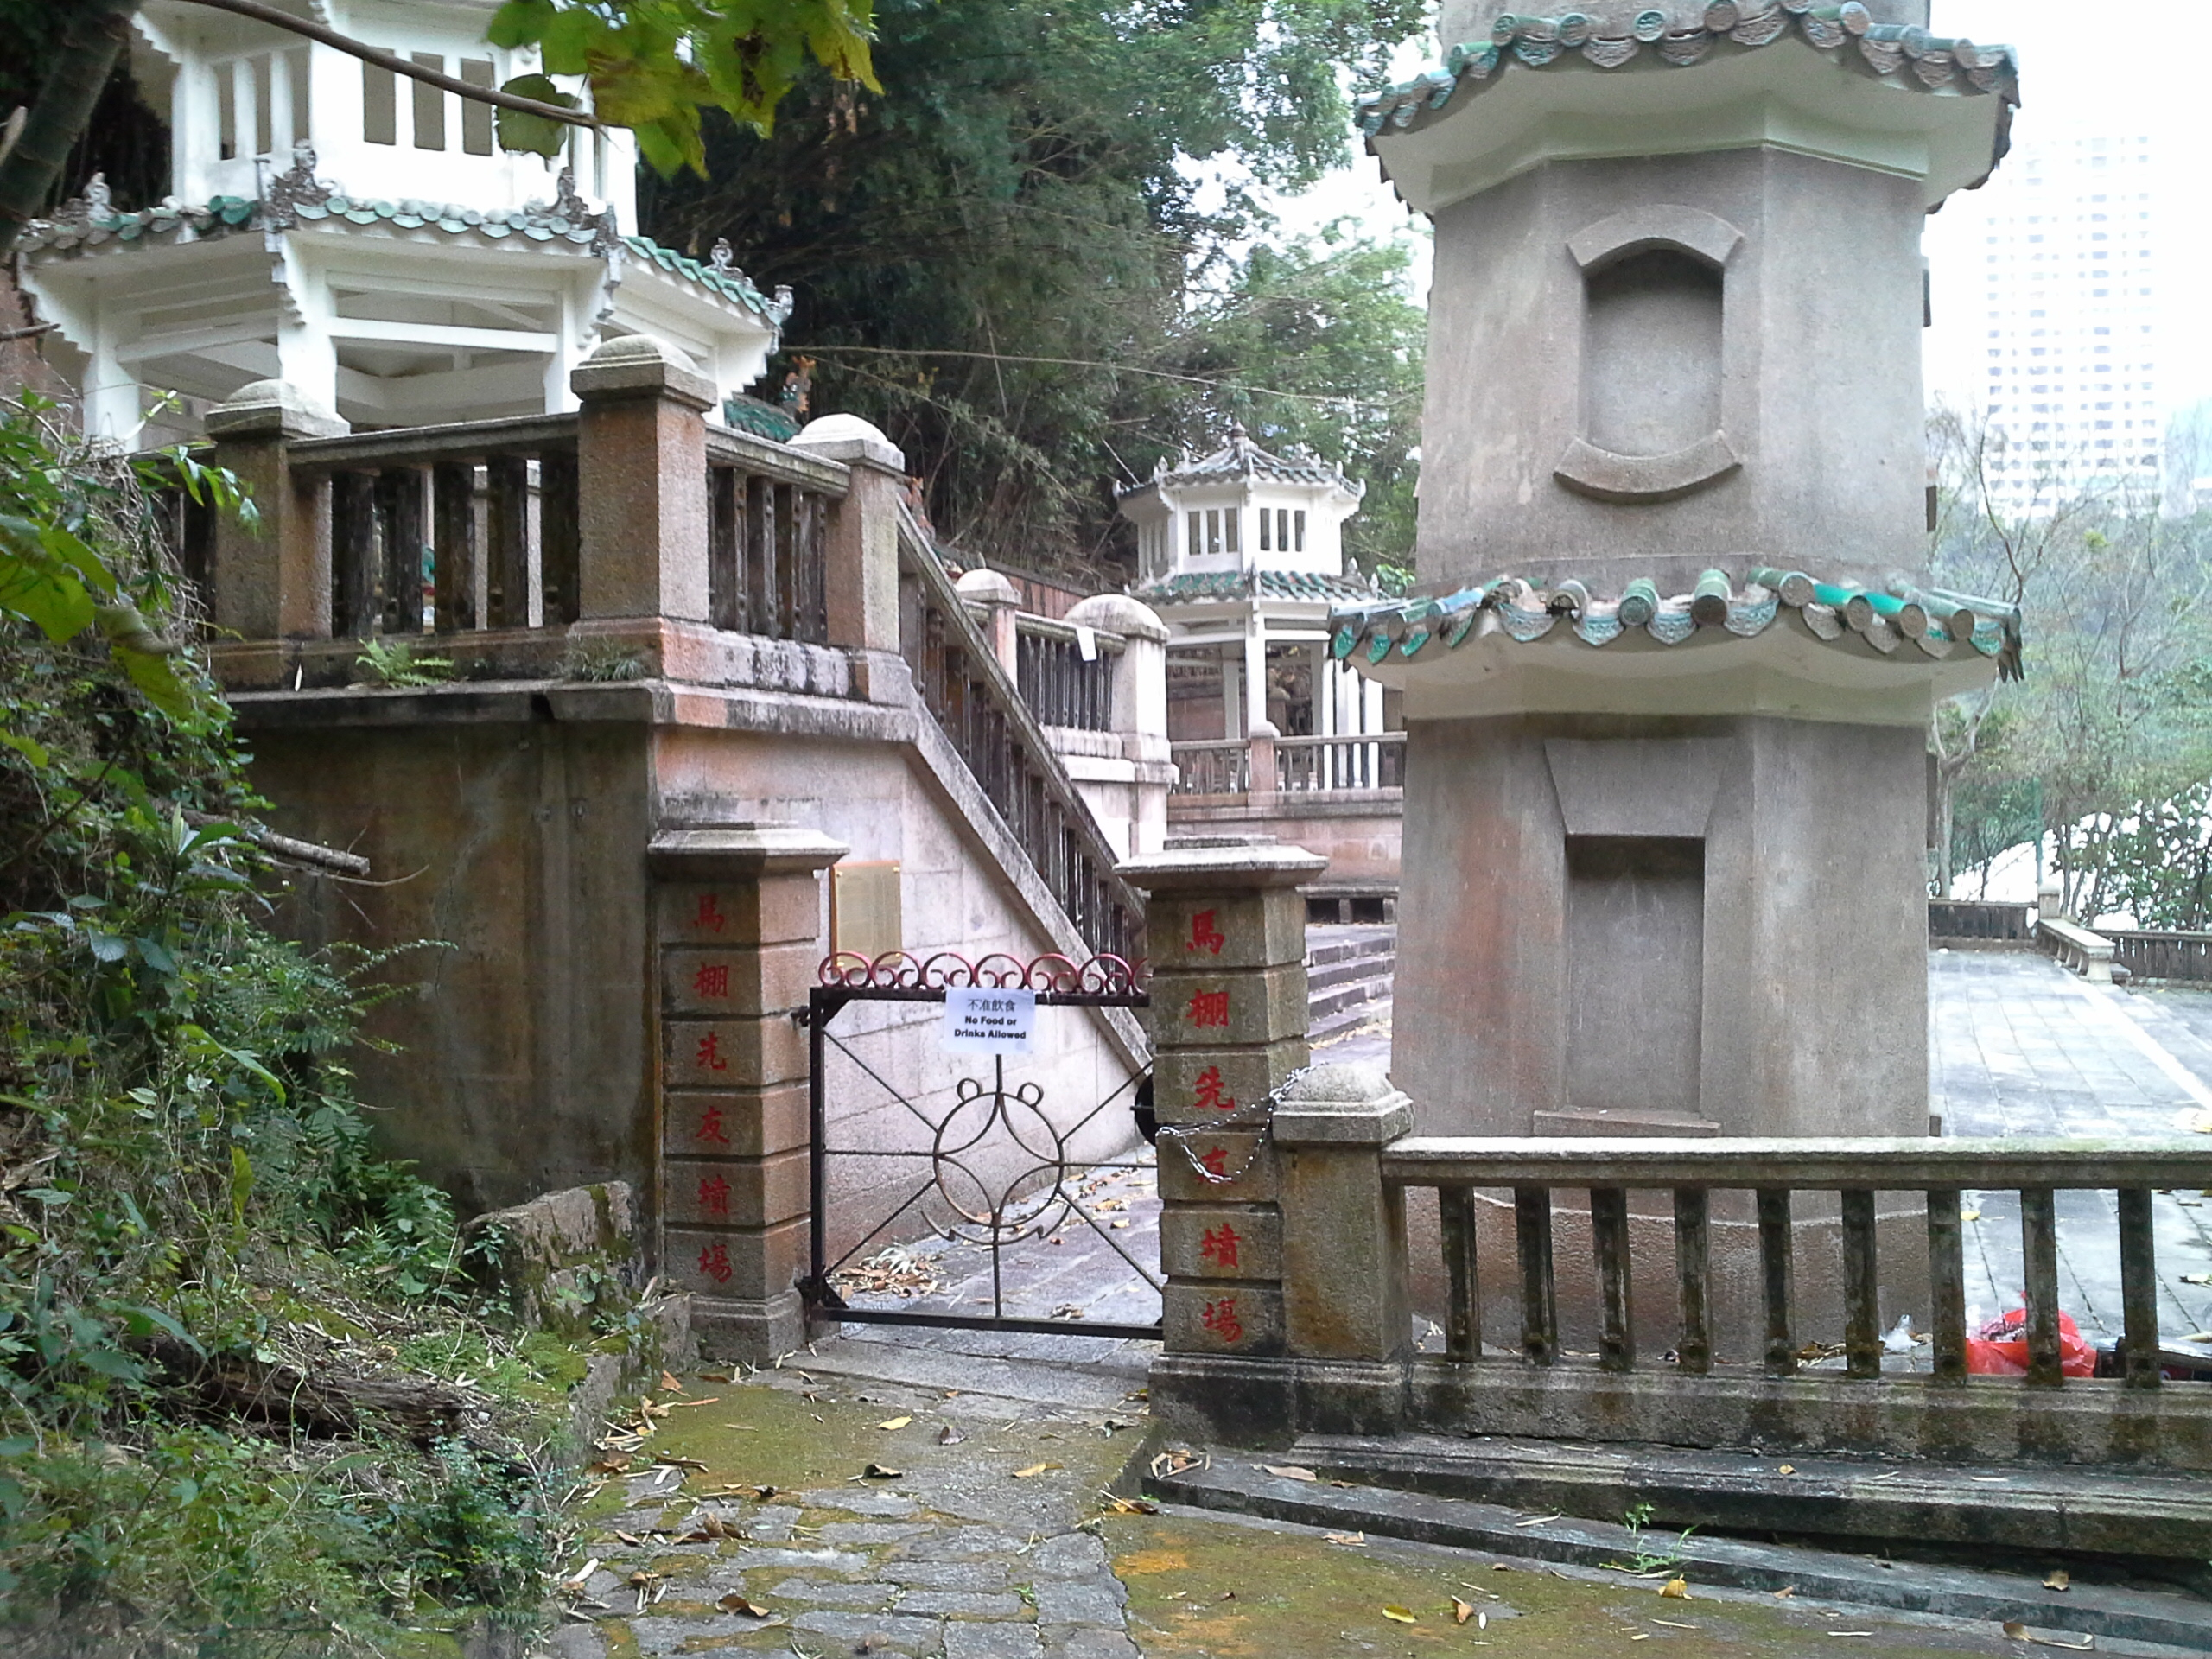 尋日去左東半山的蚊型墳場 - 香港高登討論區